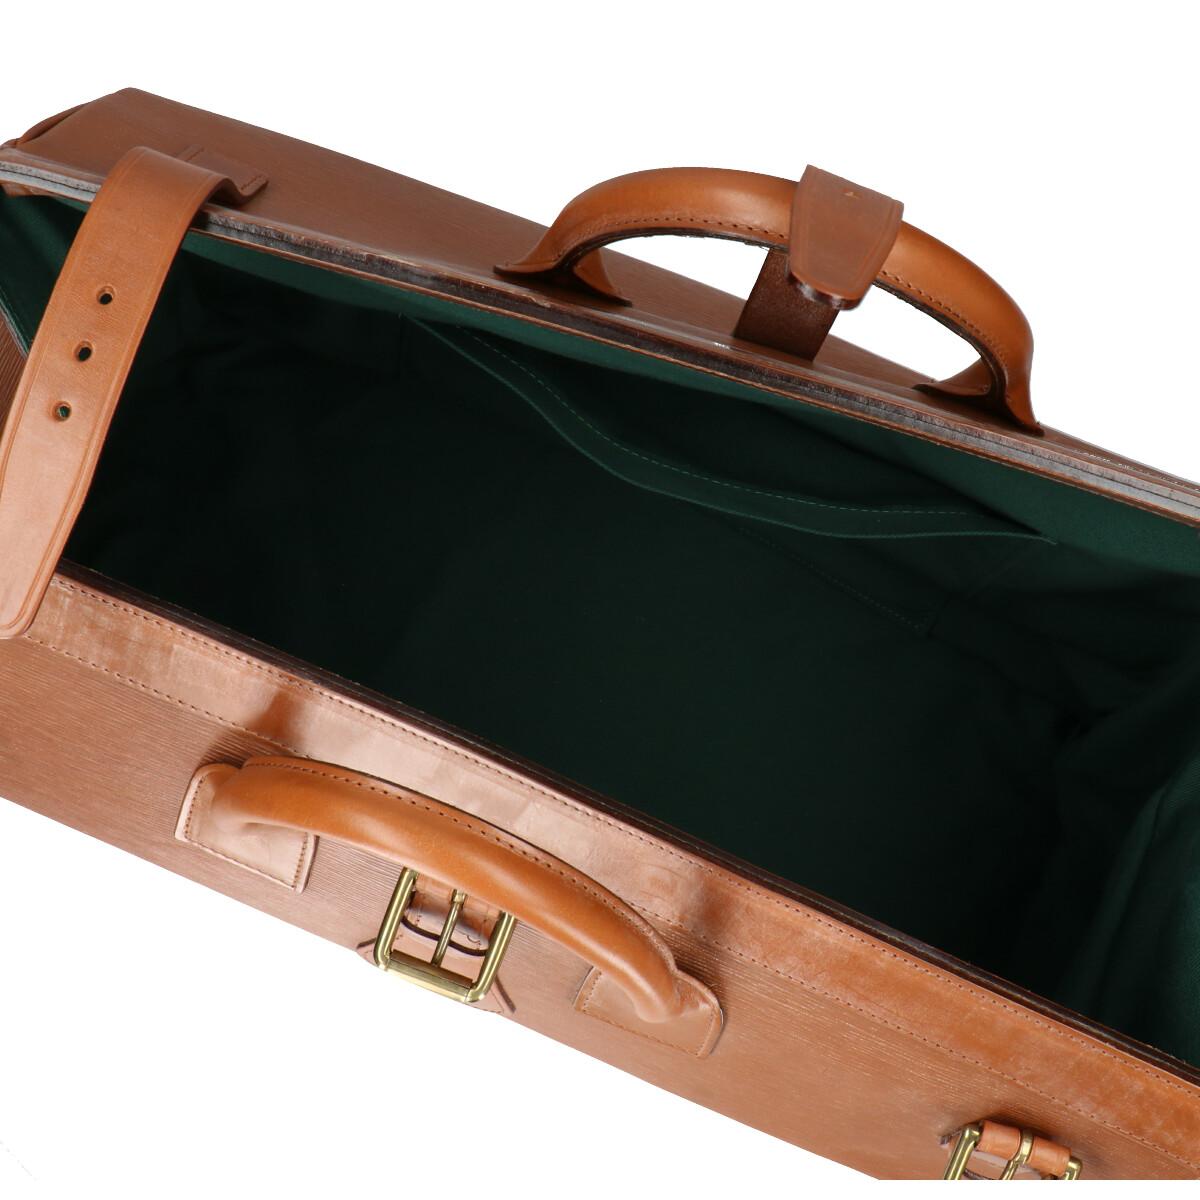 RRL ダブルアールエル Saddle Bridle Leather Oversized Doctor's Duffle Bag ブライドルレザー ベルト付 ダッフルボストンバッグ ブラウン メンズnXw08PkO